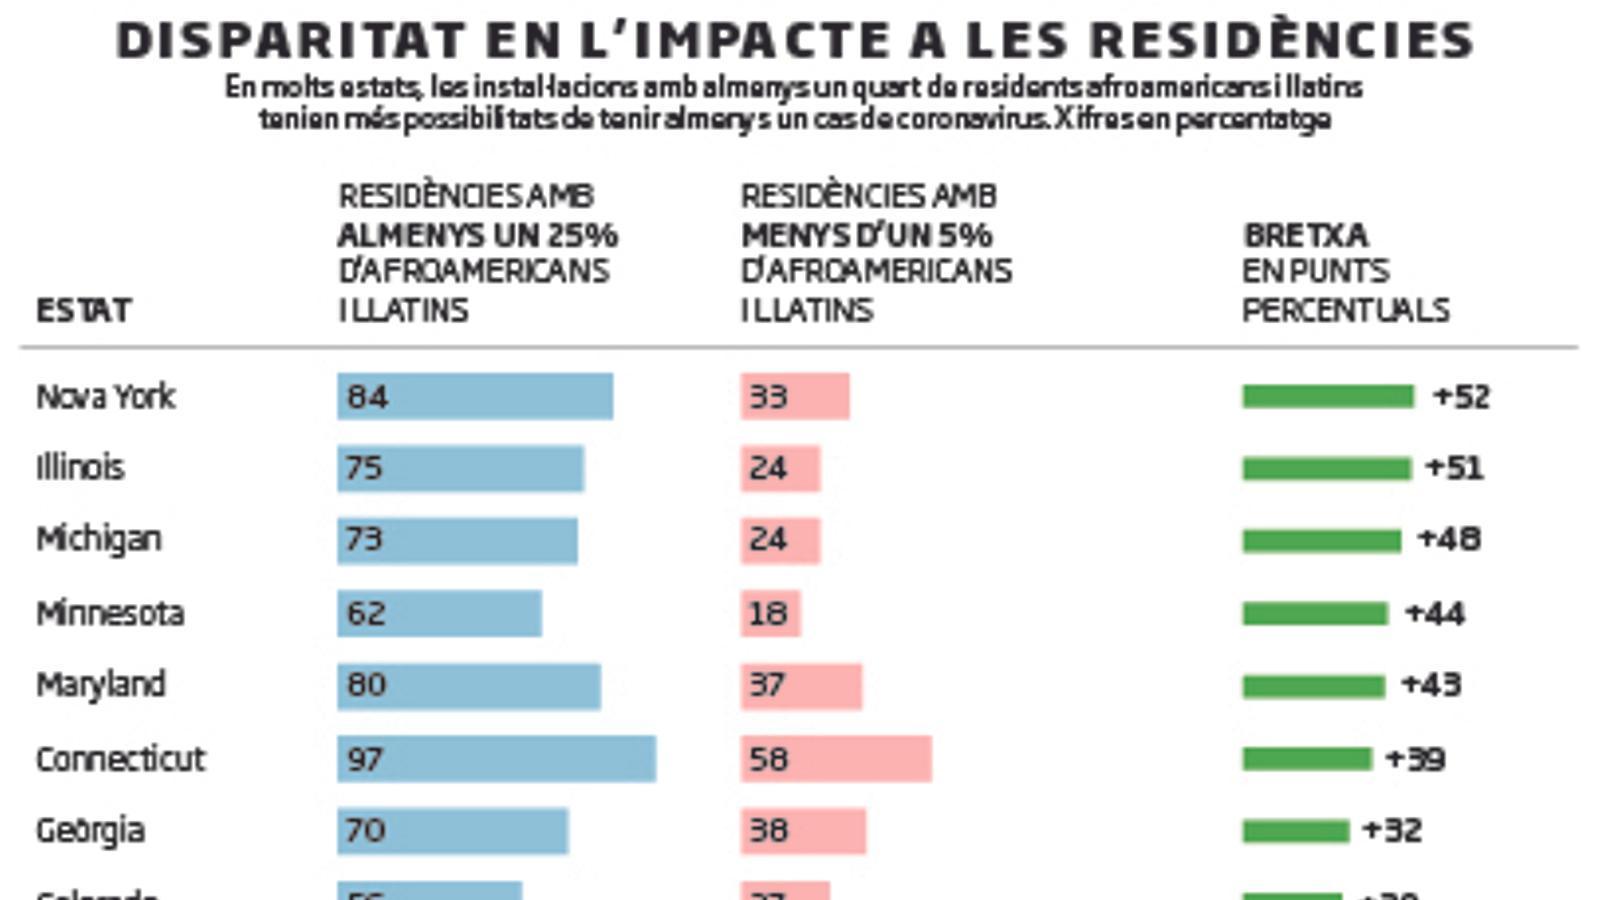 La segregació racial, clau en la crisi a les residències dels EUA